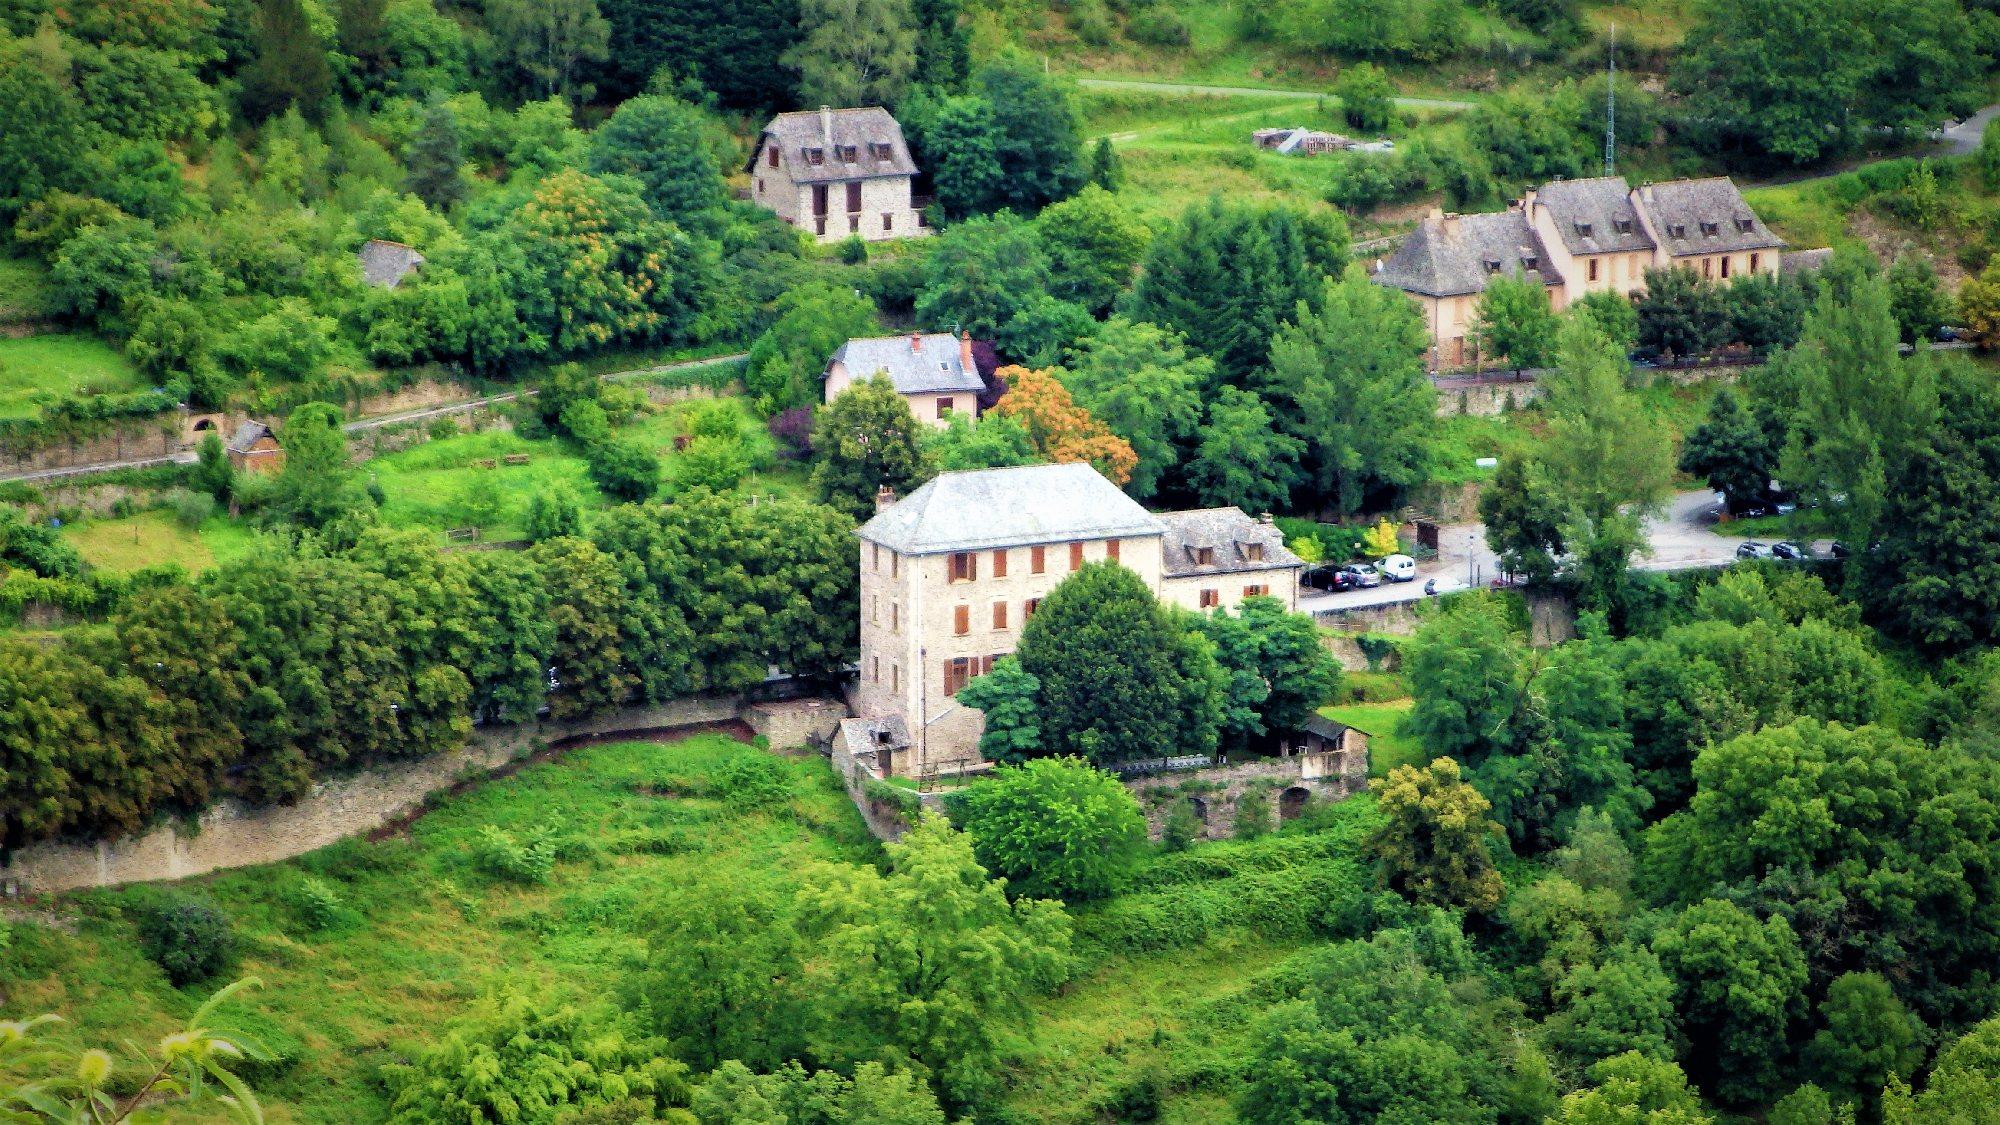 Maison Familiale De Vacances Conques En Rouergue Hebergement Collectif Tourisme Aveyron